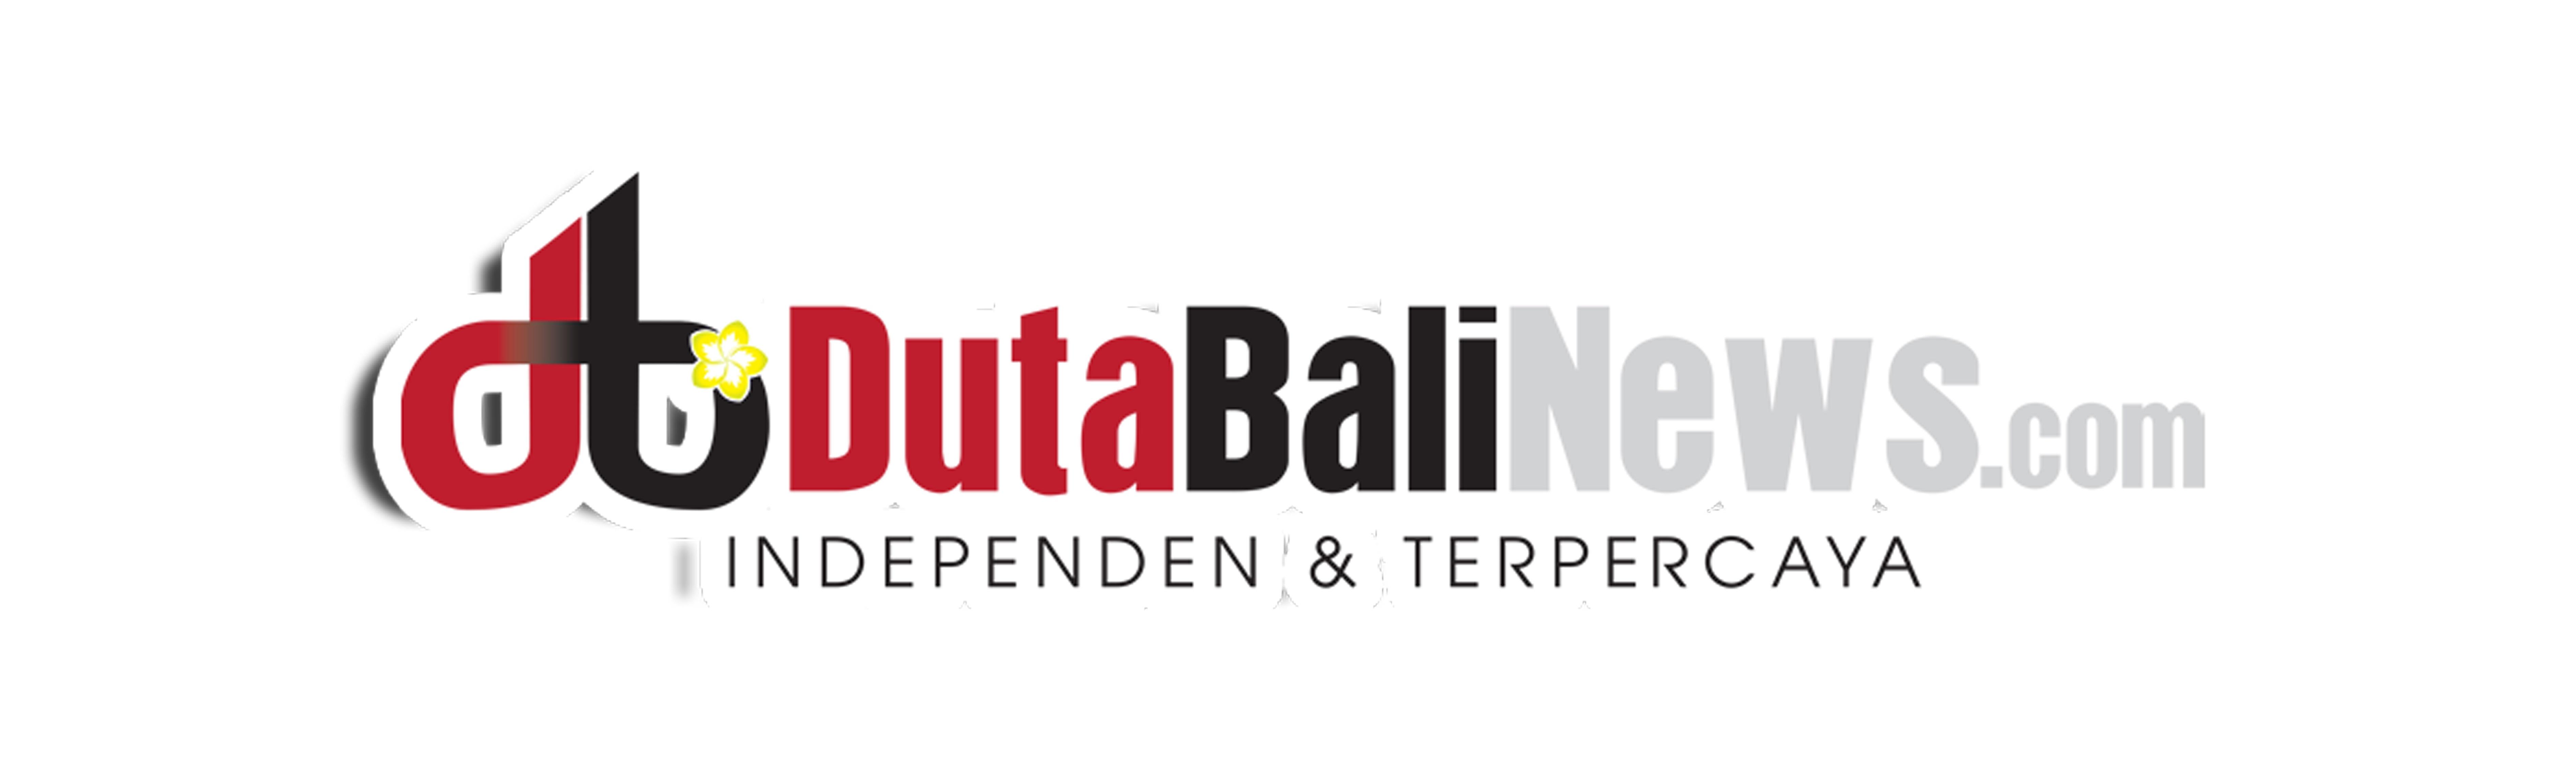 DutaBaliNews.com